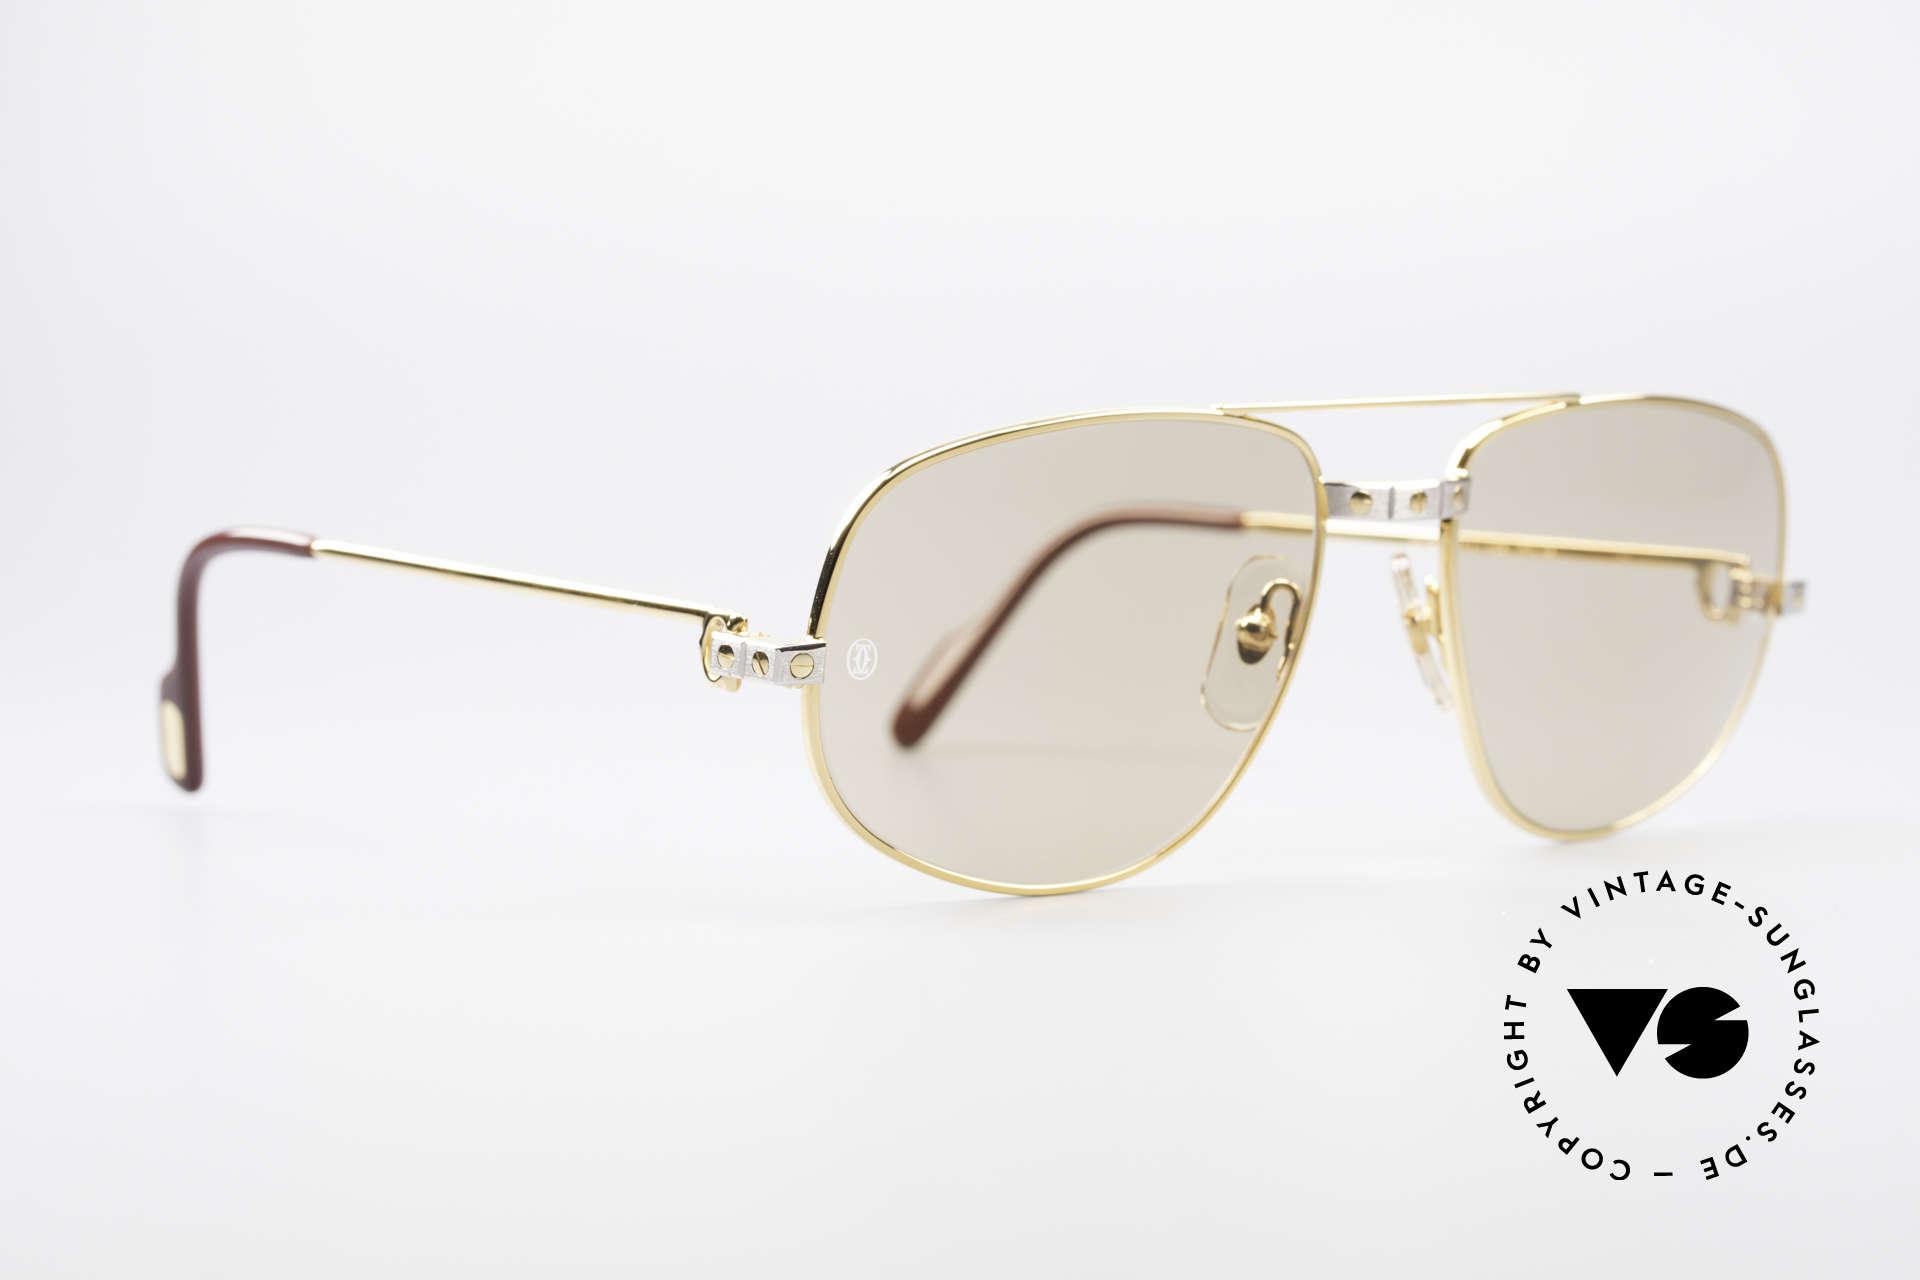 Cartier Romance Santos - L Luxus Sonnenbrille, dieses Mod. mit SANTOS-Dekor & LARGE Gr. 58-18, 140, Passend für Herren